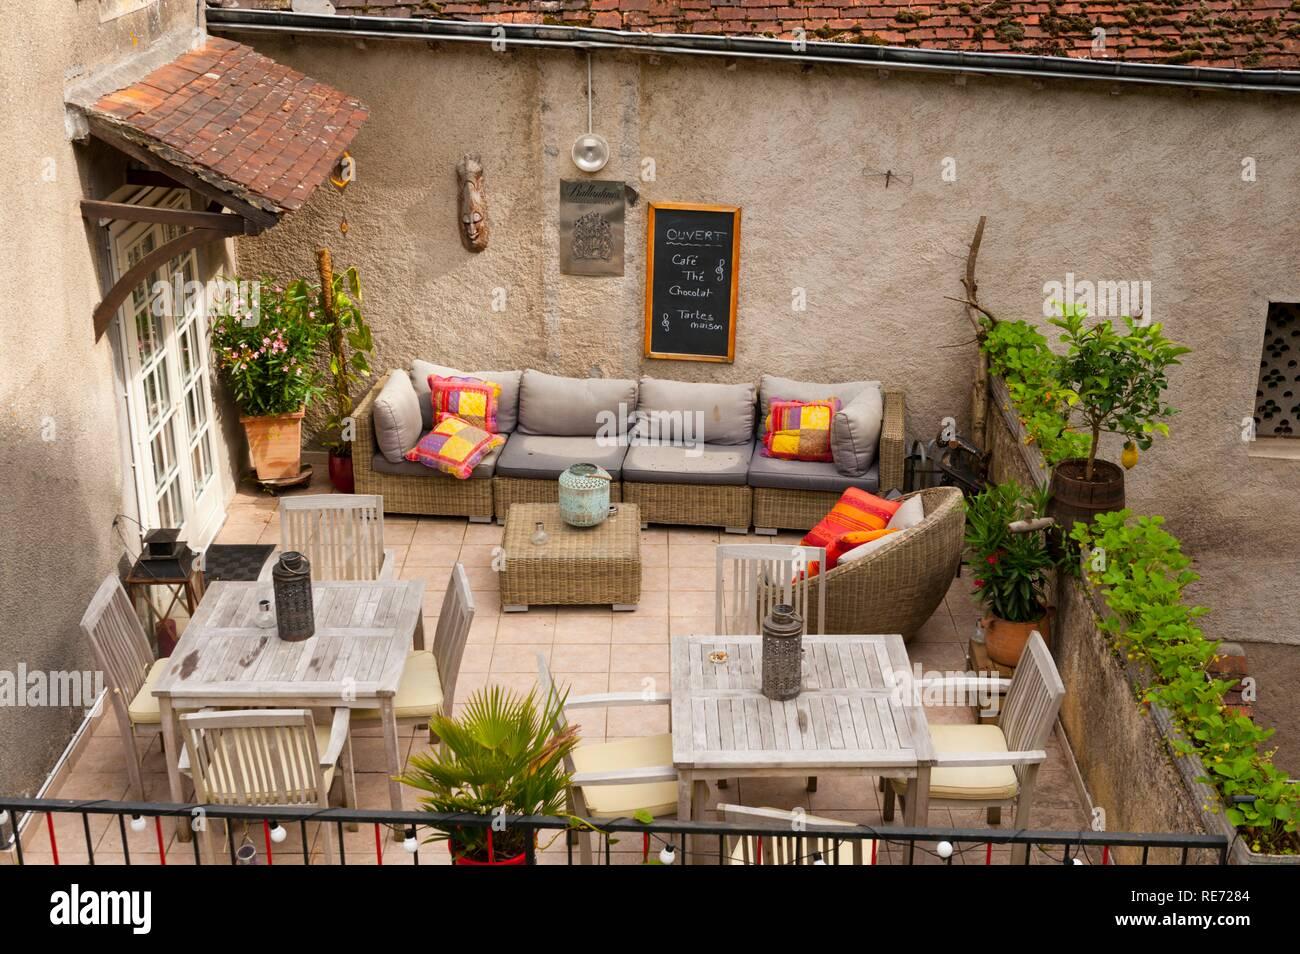 France, Indre (36), Gargilesse-Dampierre, Hotel des Artistes terrace - Stock Image